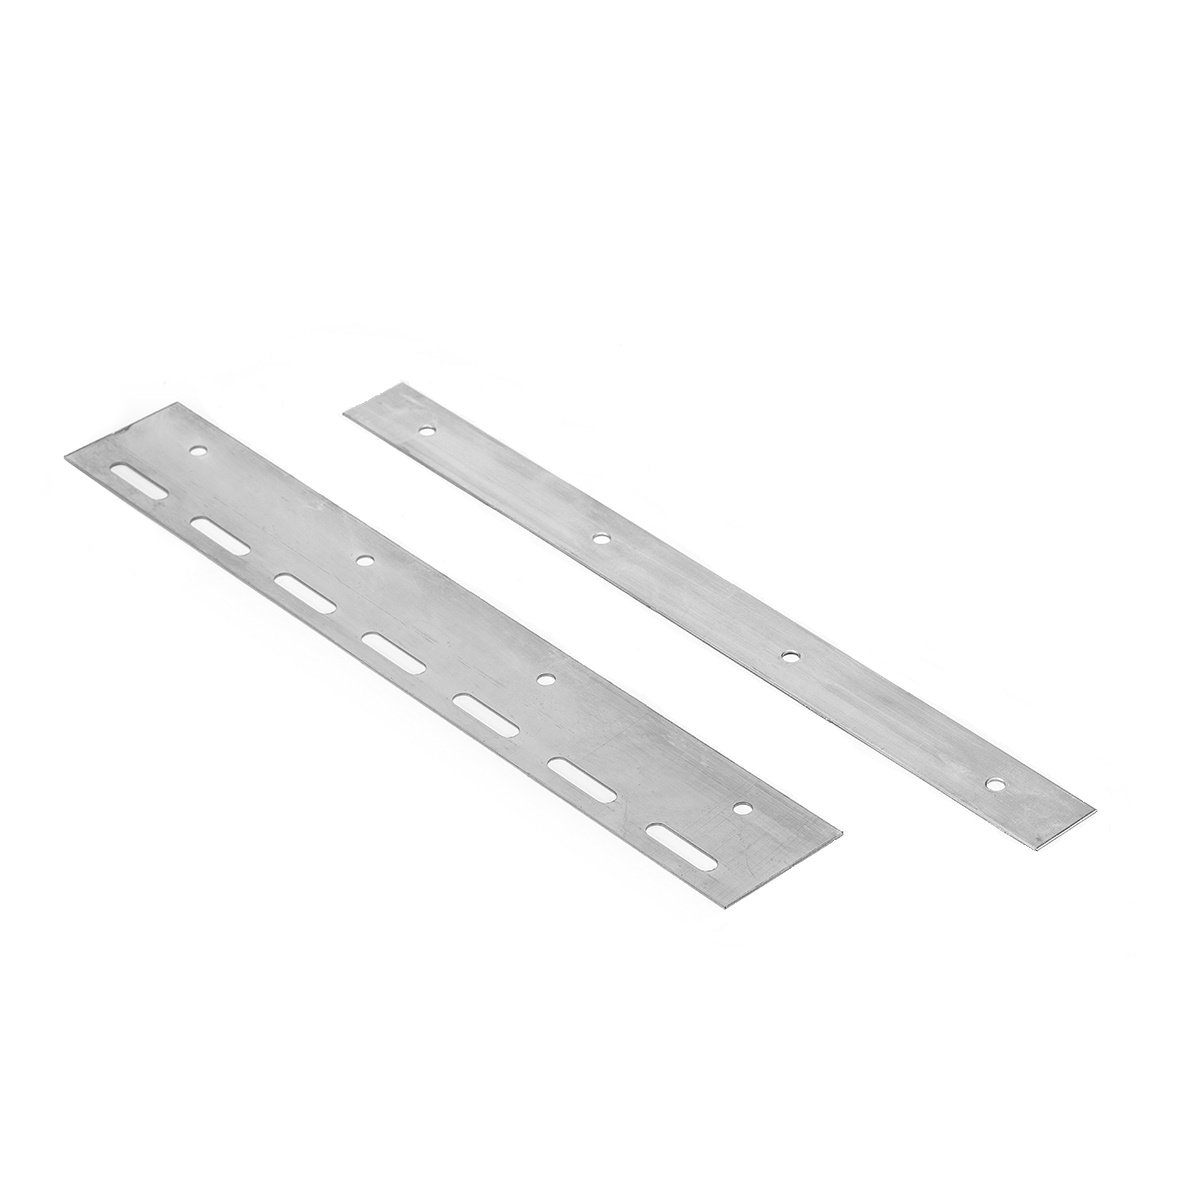 Plaque de fixation pour lamelles Rideau /à lamelles Bandes de PVC Rideau Longueur 30/cm